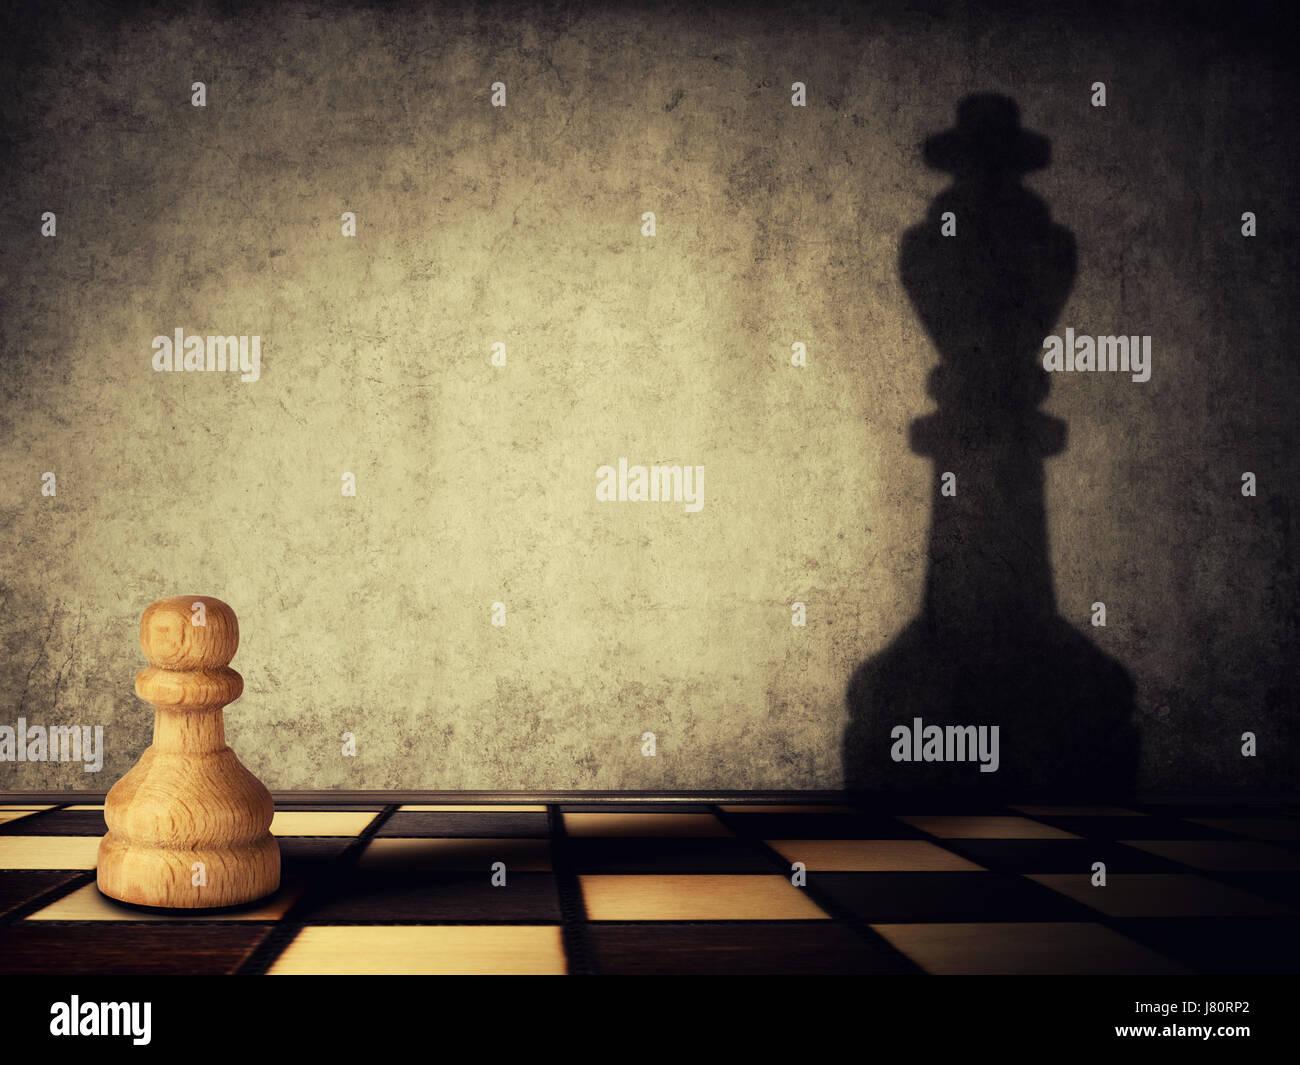 Pieza de ajedrez peón una sombra de un rey sobre un muro de hormigón. Concepto de liderazgo y las aspiraciones empresariales. Foto de stock